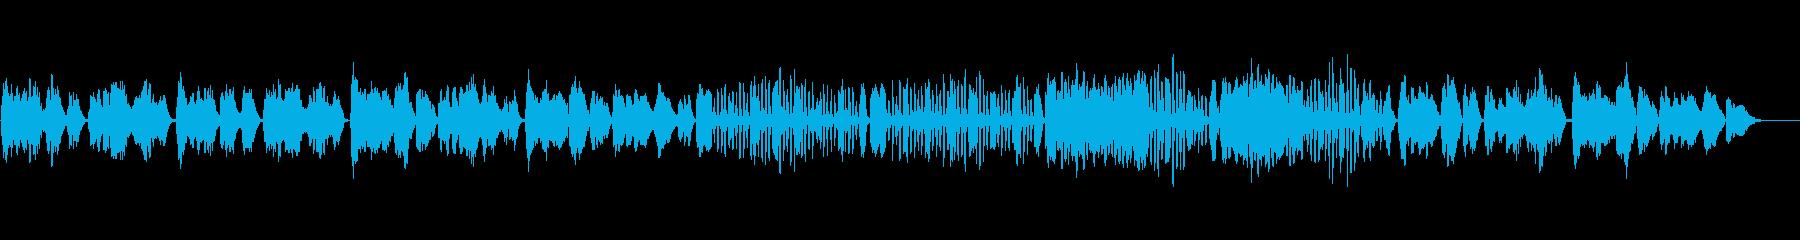 ベートーベン/メヌエット/バイオリンソロの再生済みの波形